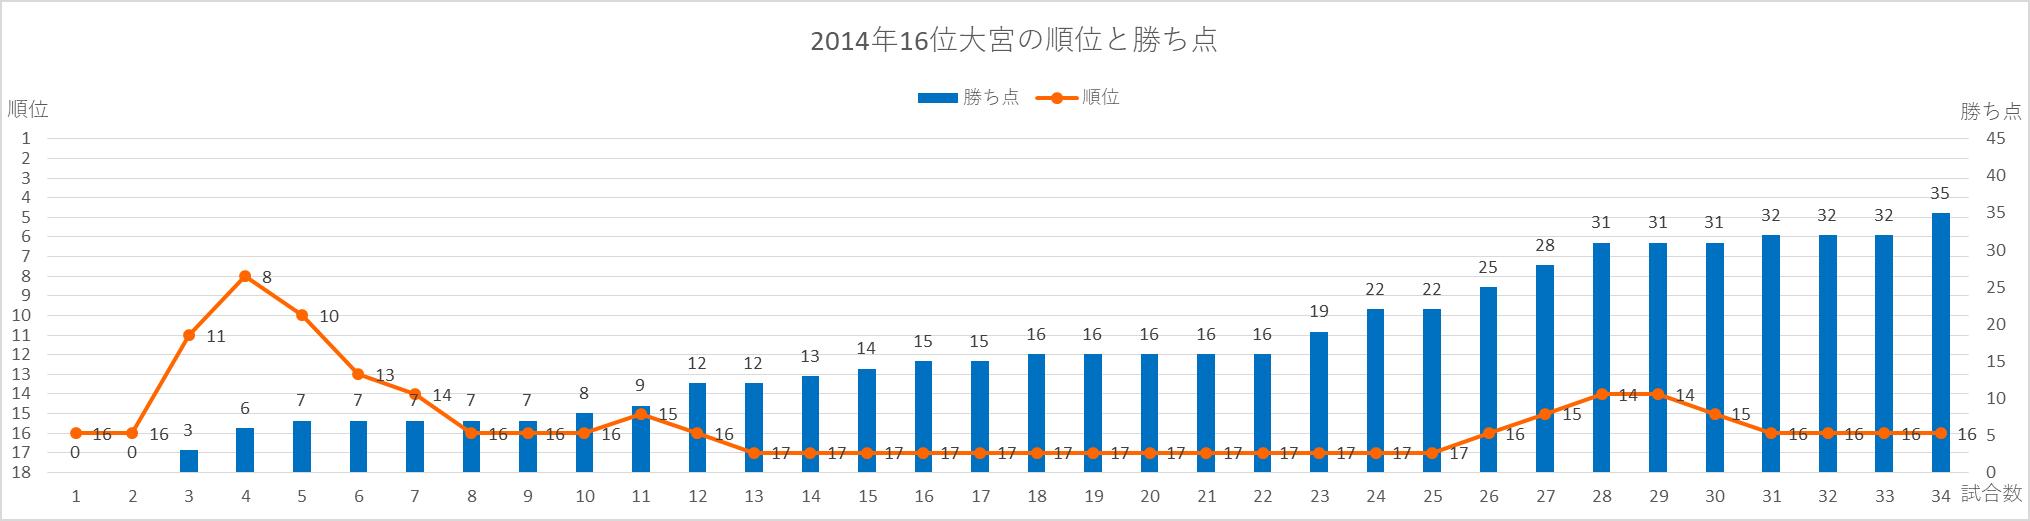 2014年大宮の順位と勝ち点の推移